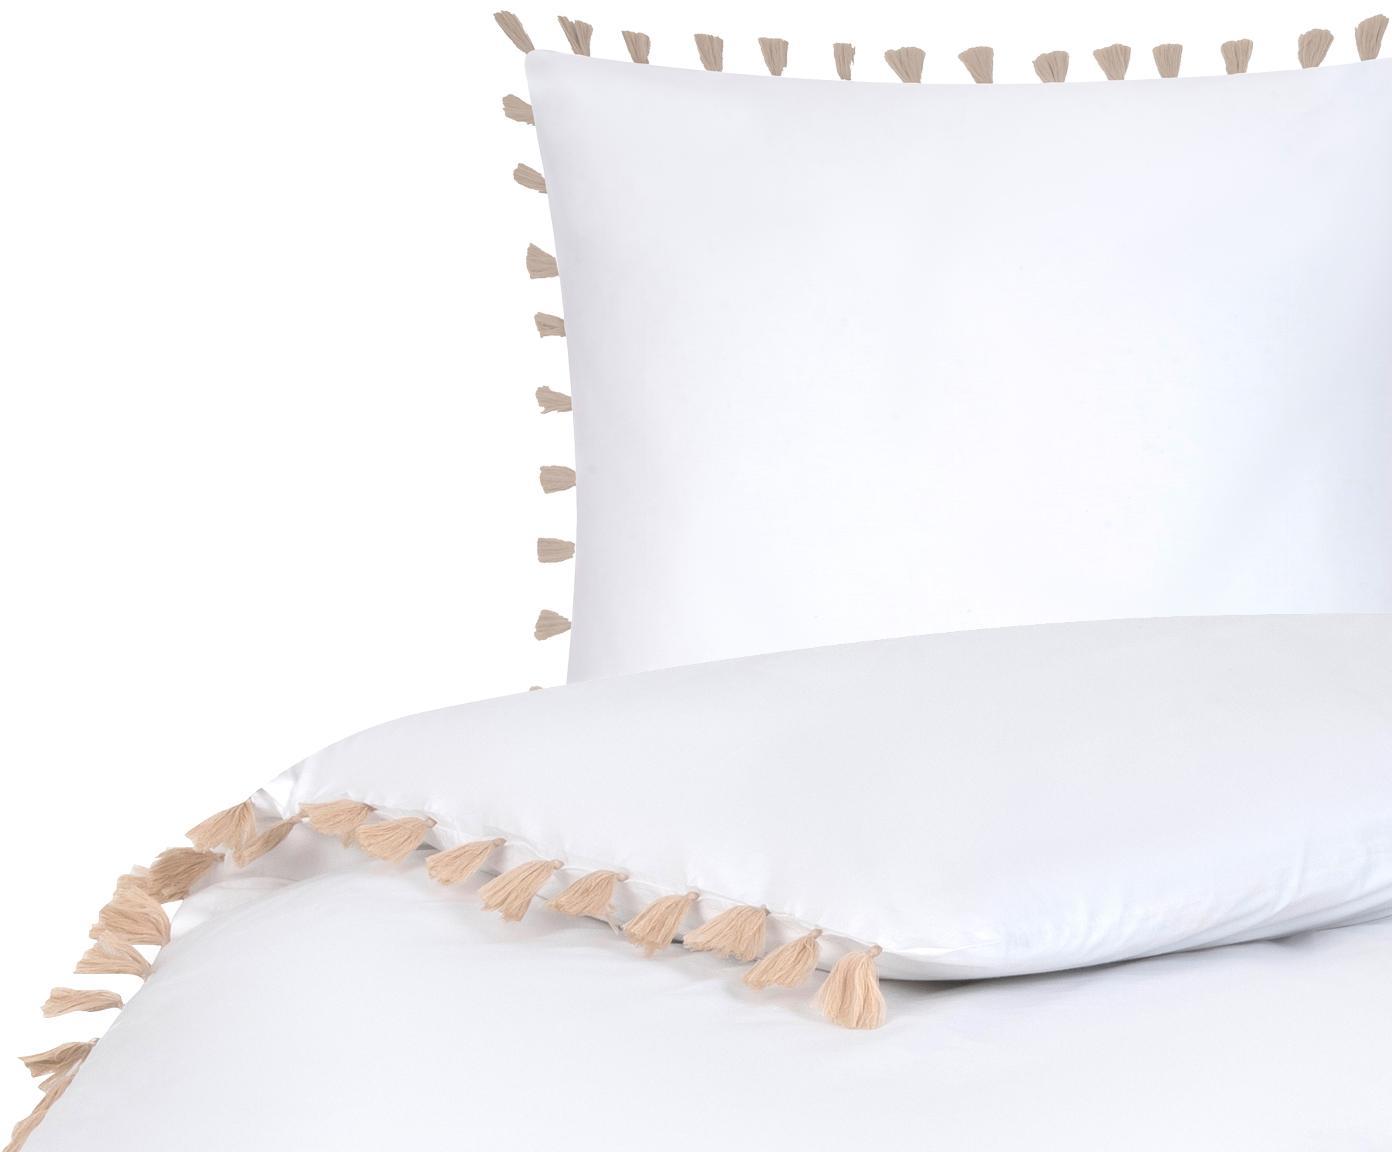 Pościel z perkalu bawełnianego z chwostami Quo, Biały, beżowy, 135 x 200 cm